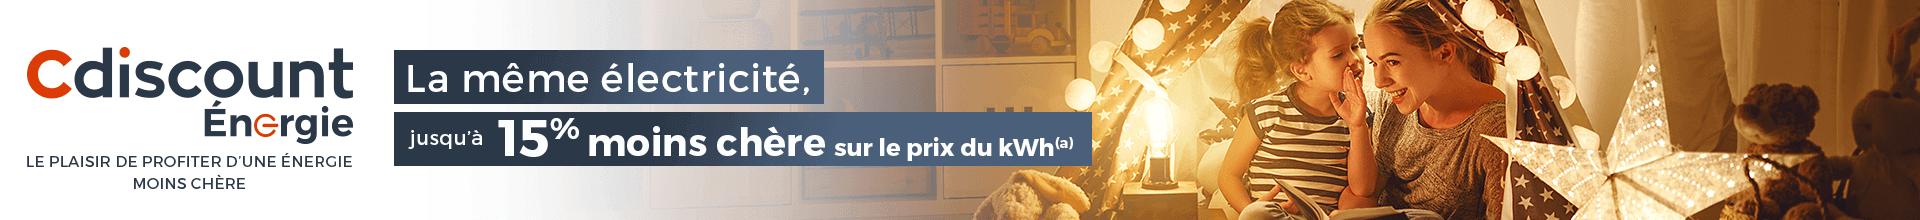 Cdiscount énergie, le plaisir de profiter d'une énergie moins chère - La même électricité, jusqu'à 15% moins chère sur le prix du kWh*